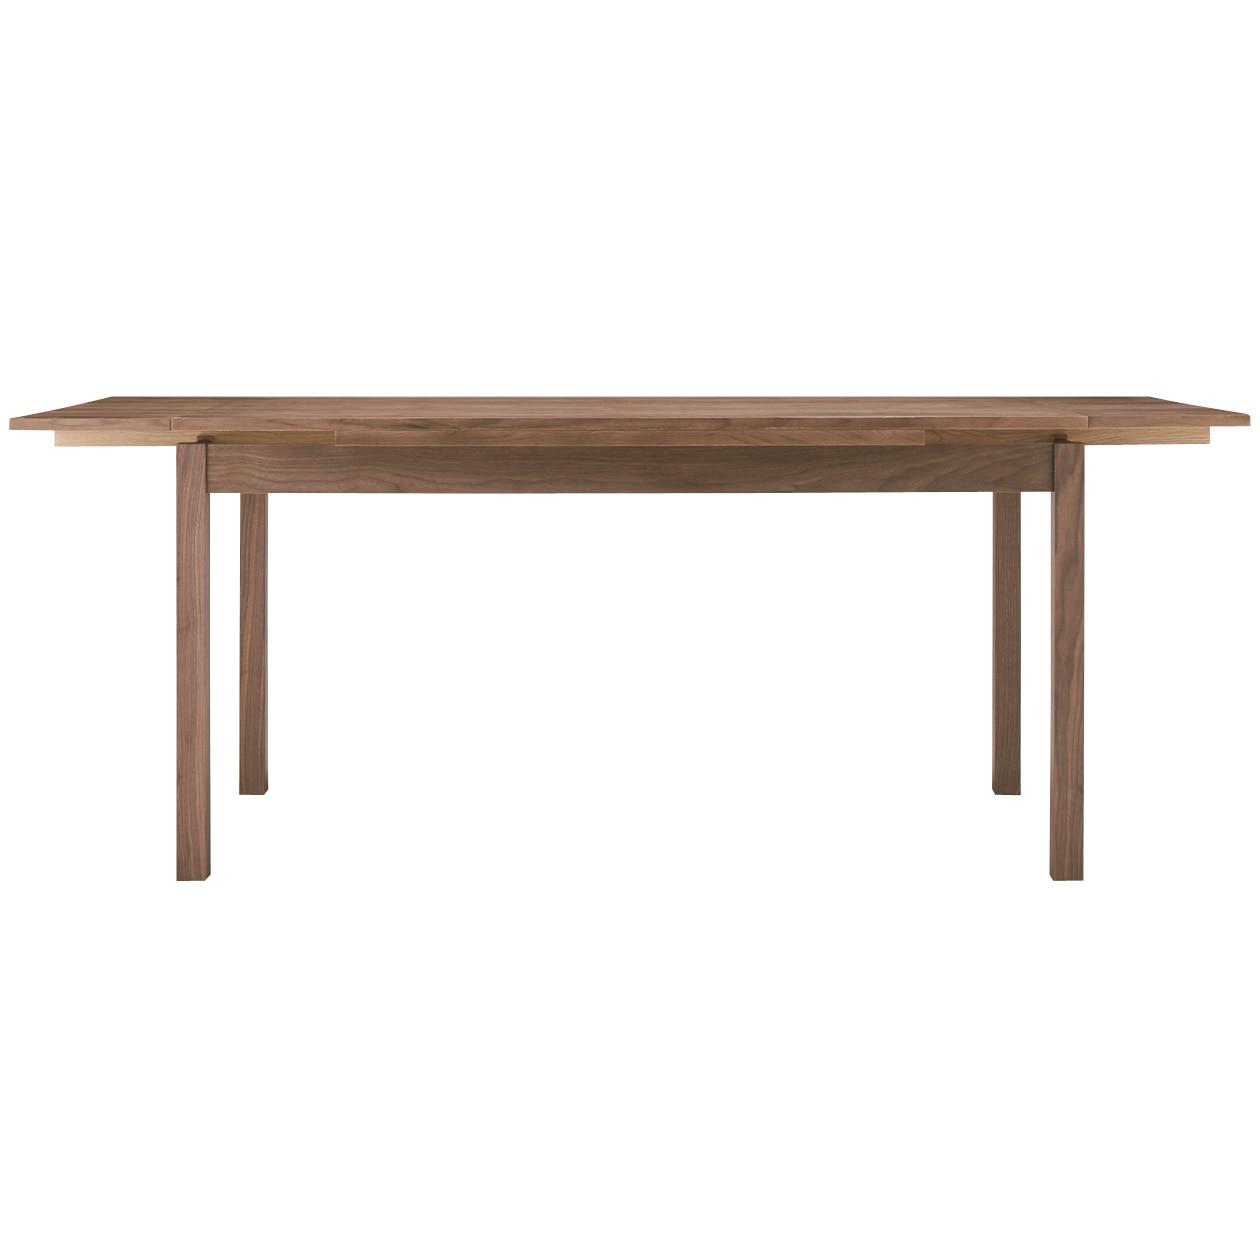 ウォールナット材エクステンションテーブル1